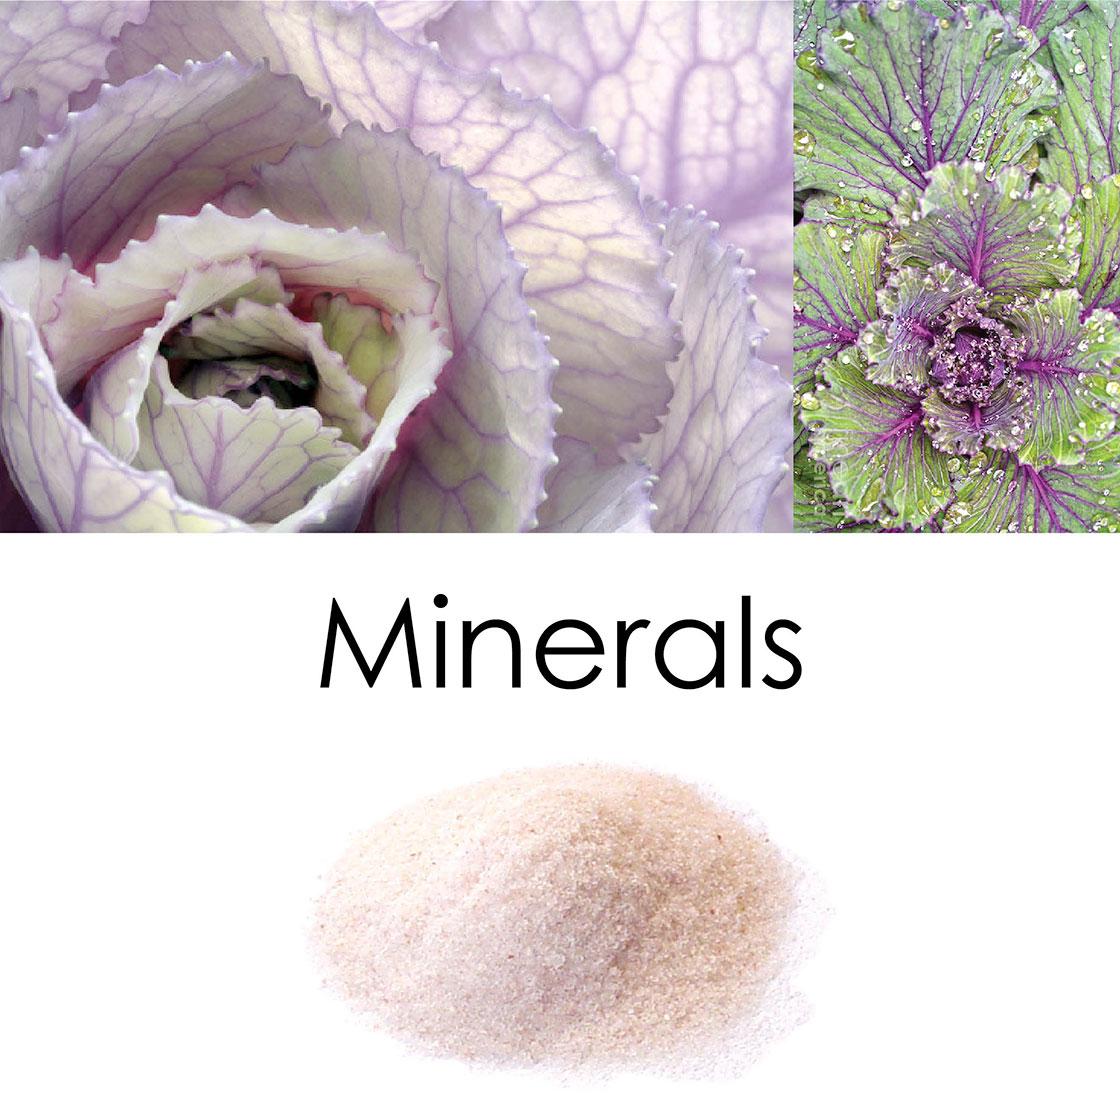 minerals-top2